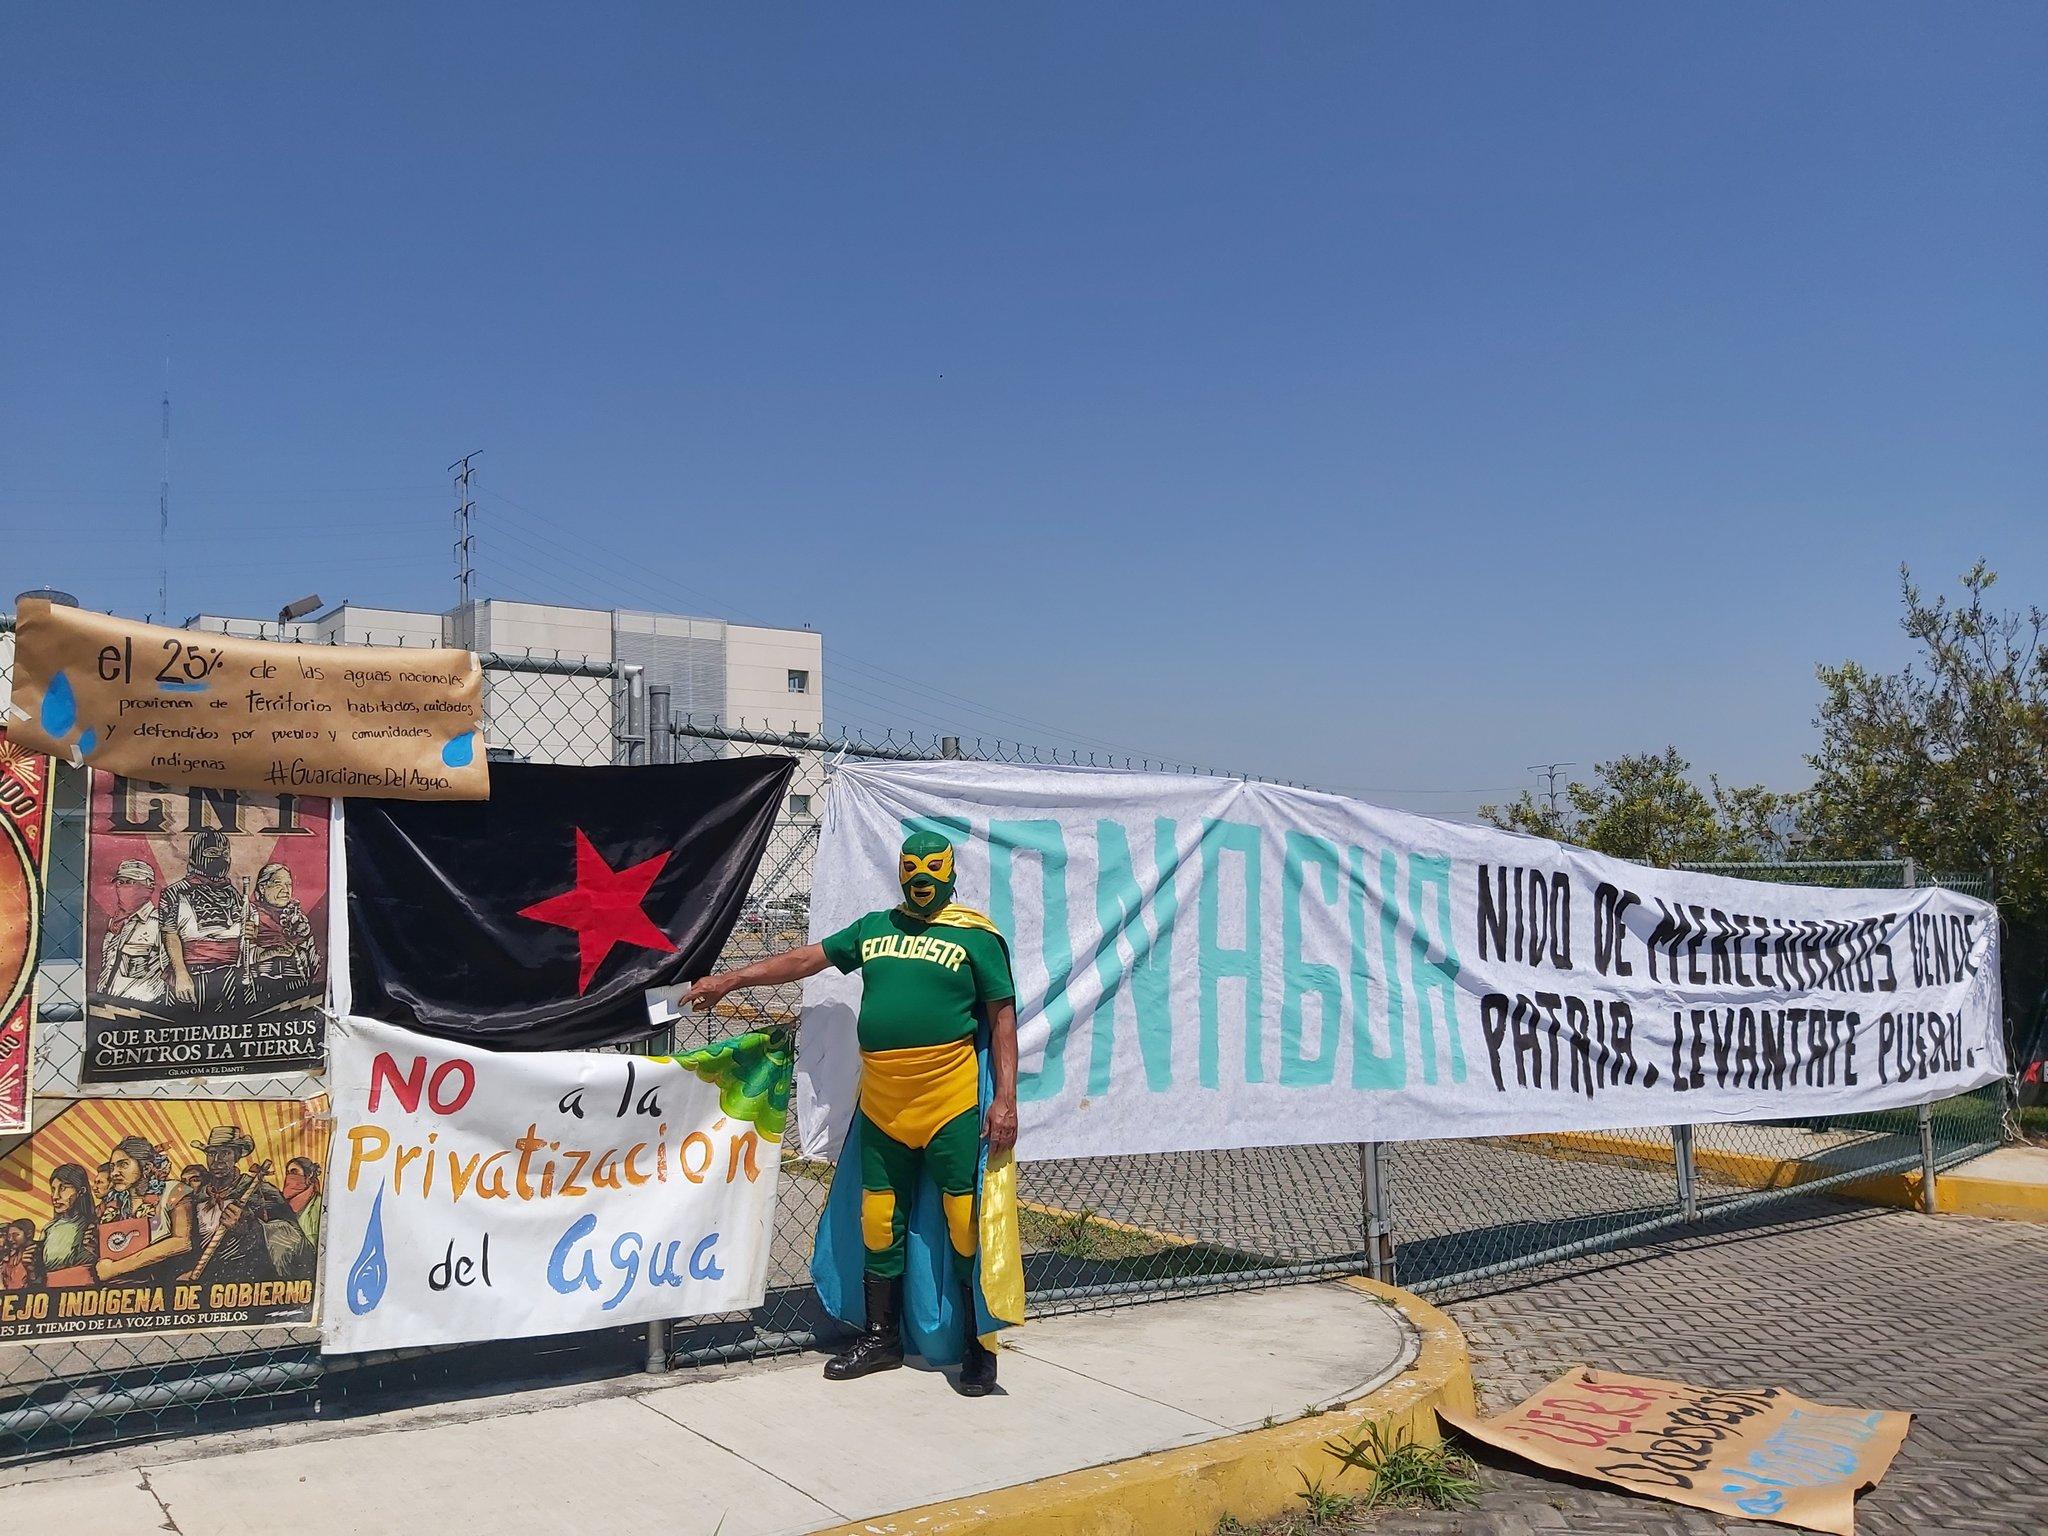 Organizaciones de la sociedad civil exigen una nueva ley en la que se garantice el derecho humano al agua. foto: Todos por el agua